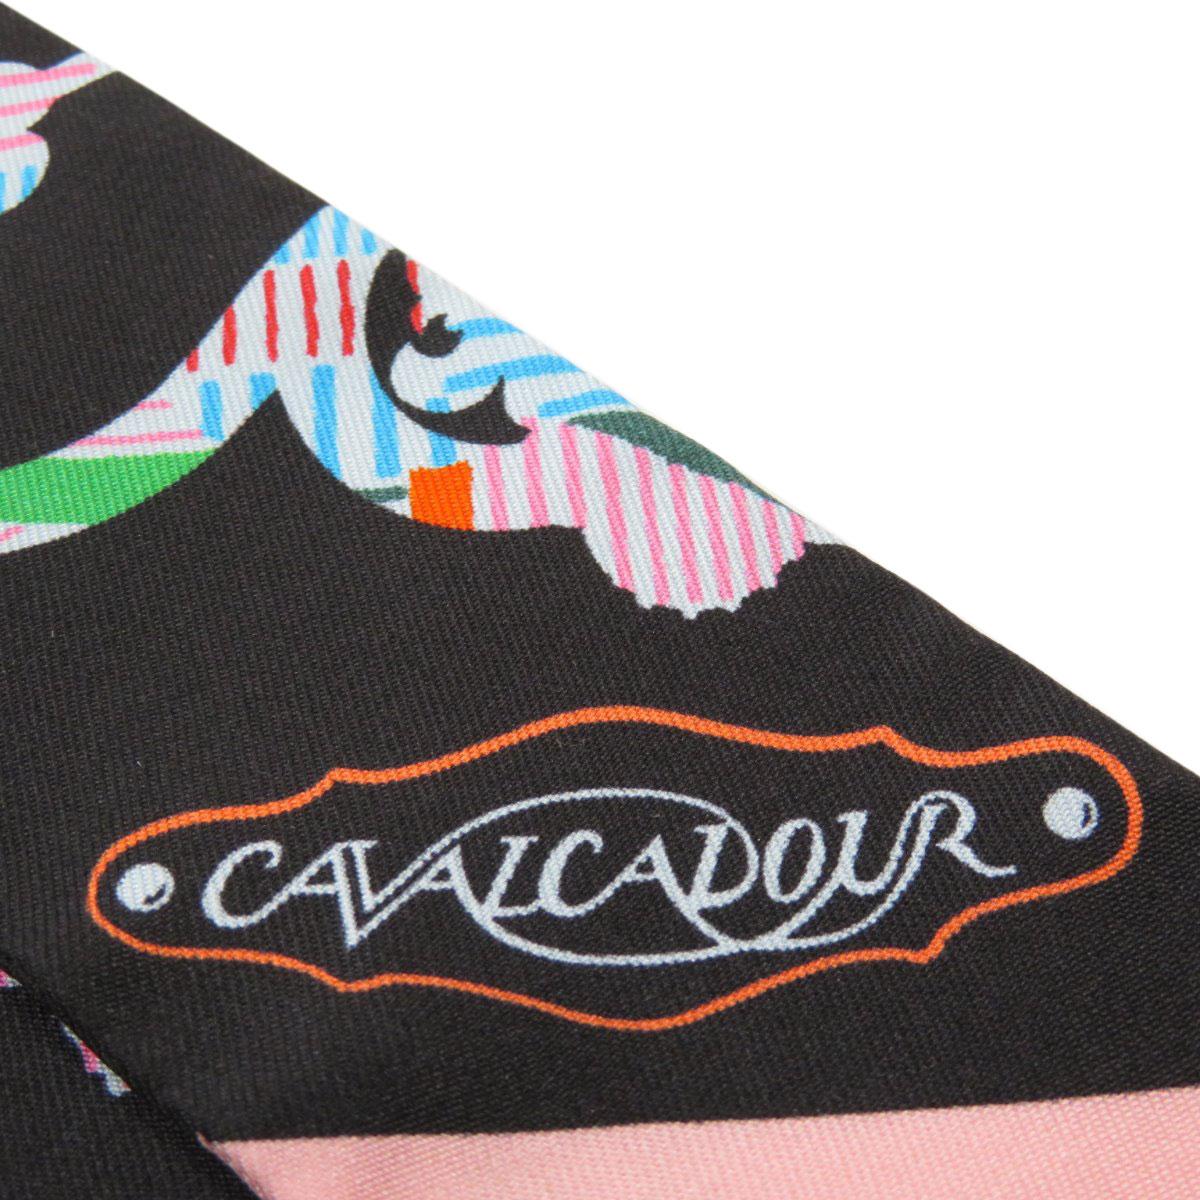 エルメス ツイリー CAVALCADOUR スカーフ シルク レディースHERMESoWCQeErdxB